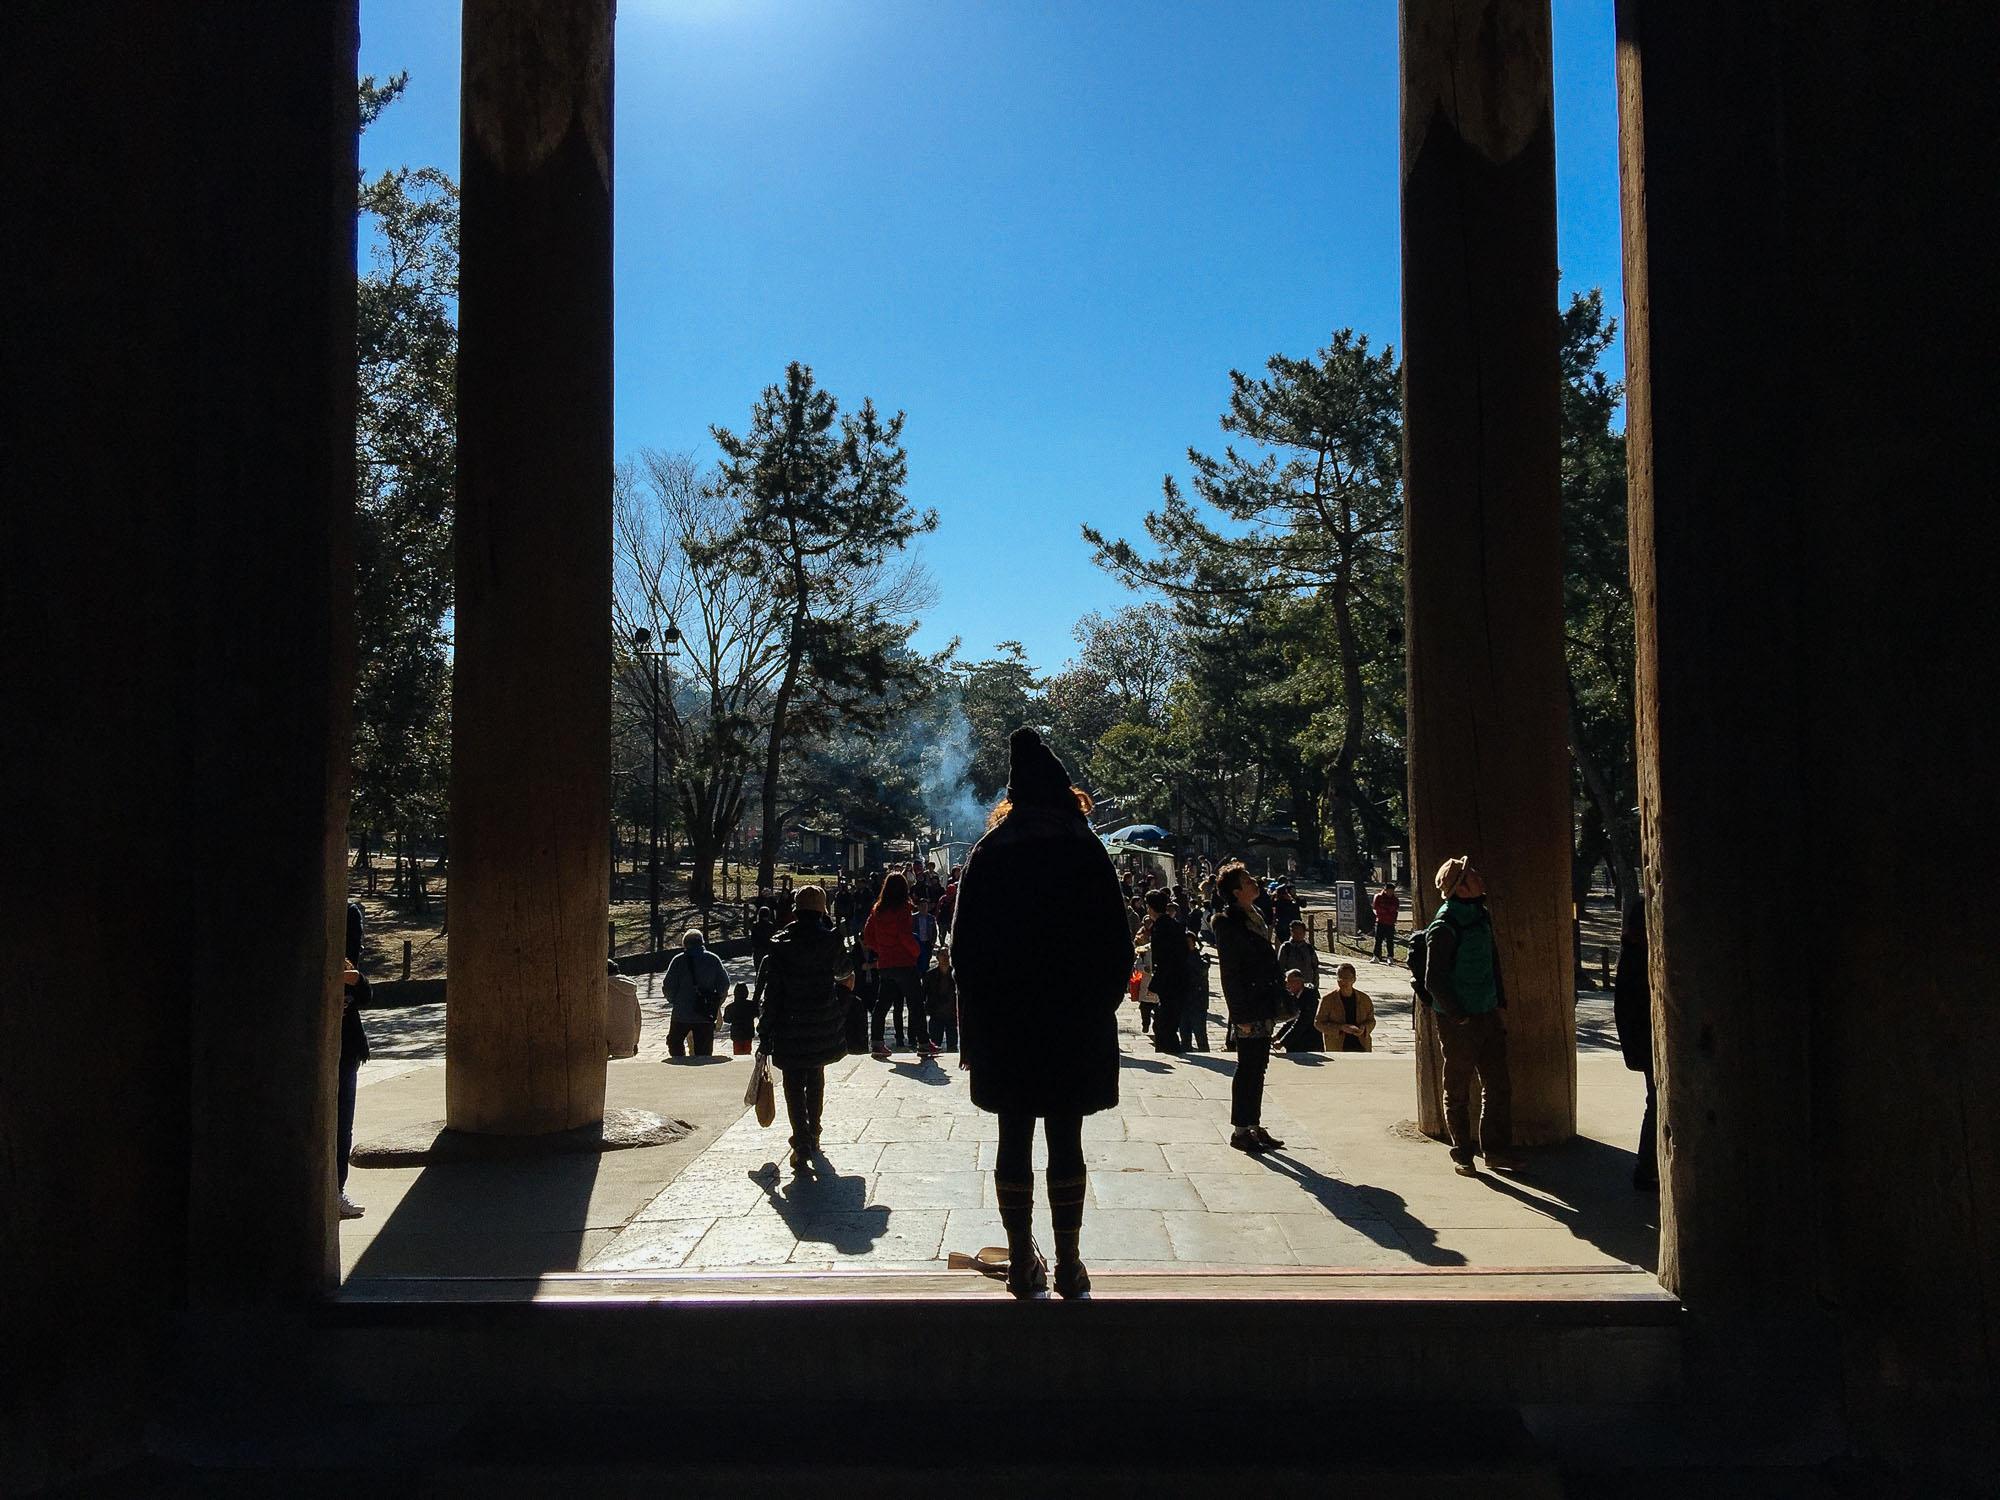 Planning a trip to Japan - Nara